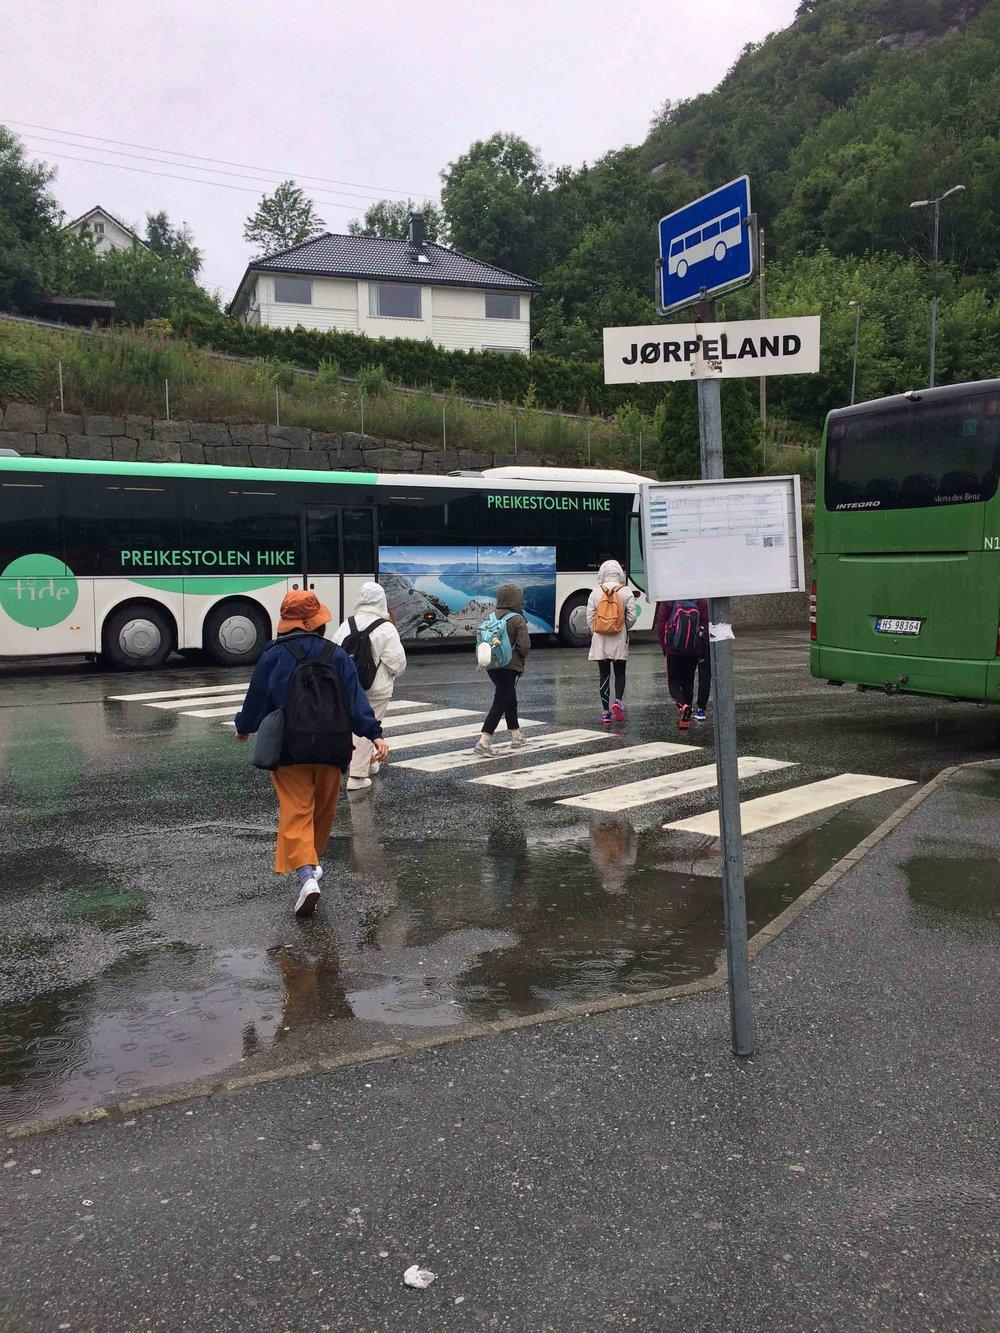 下船後馬上有專線巴士接駁